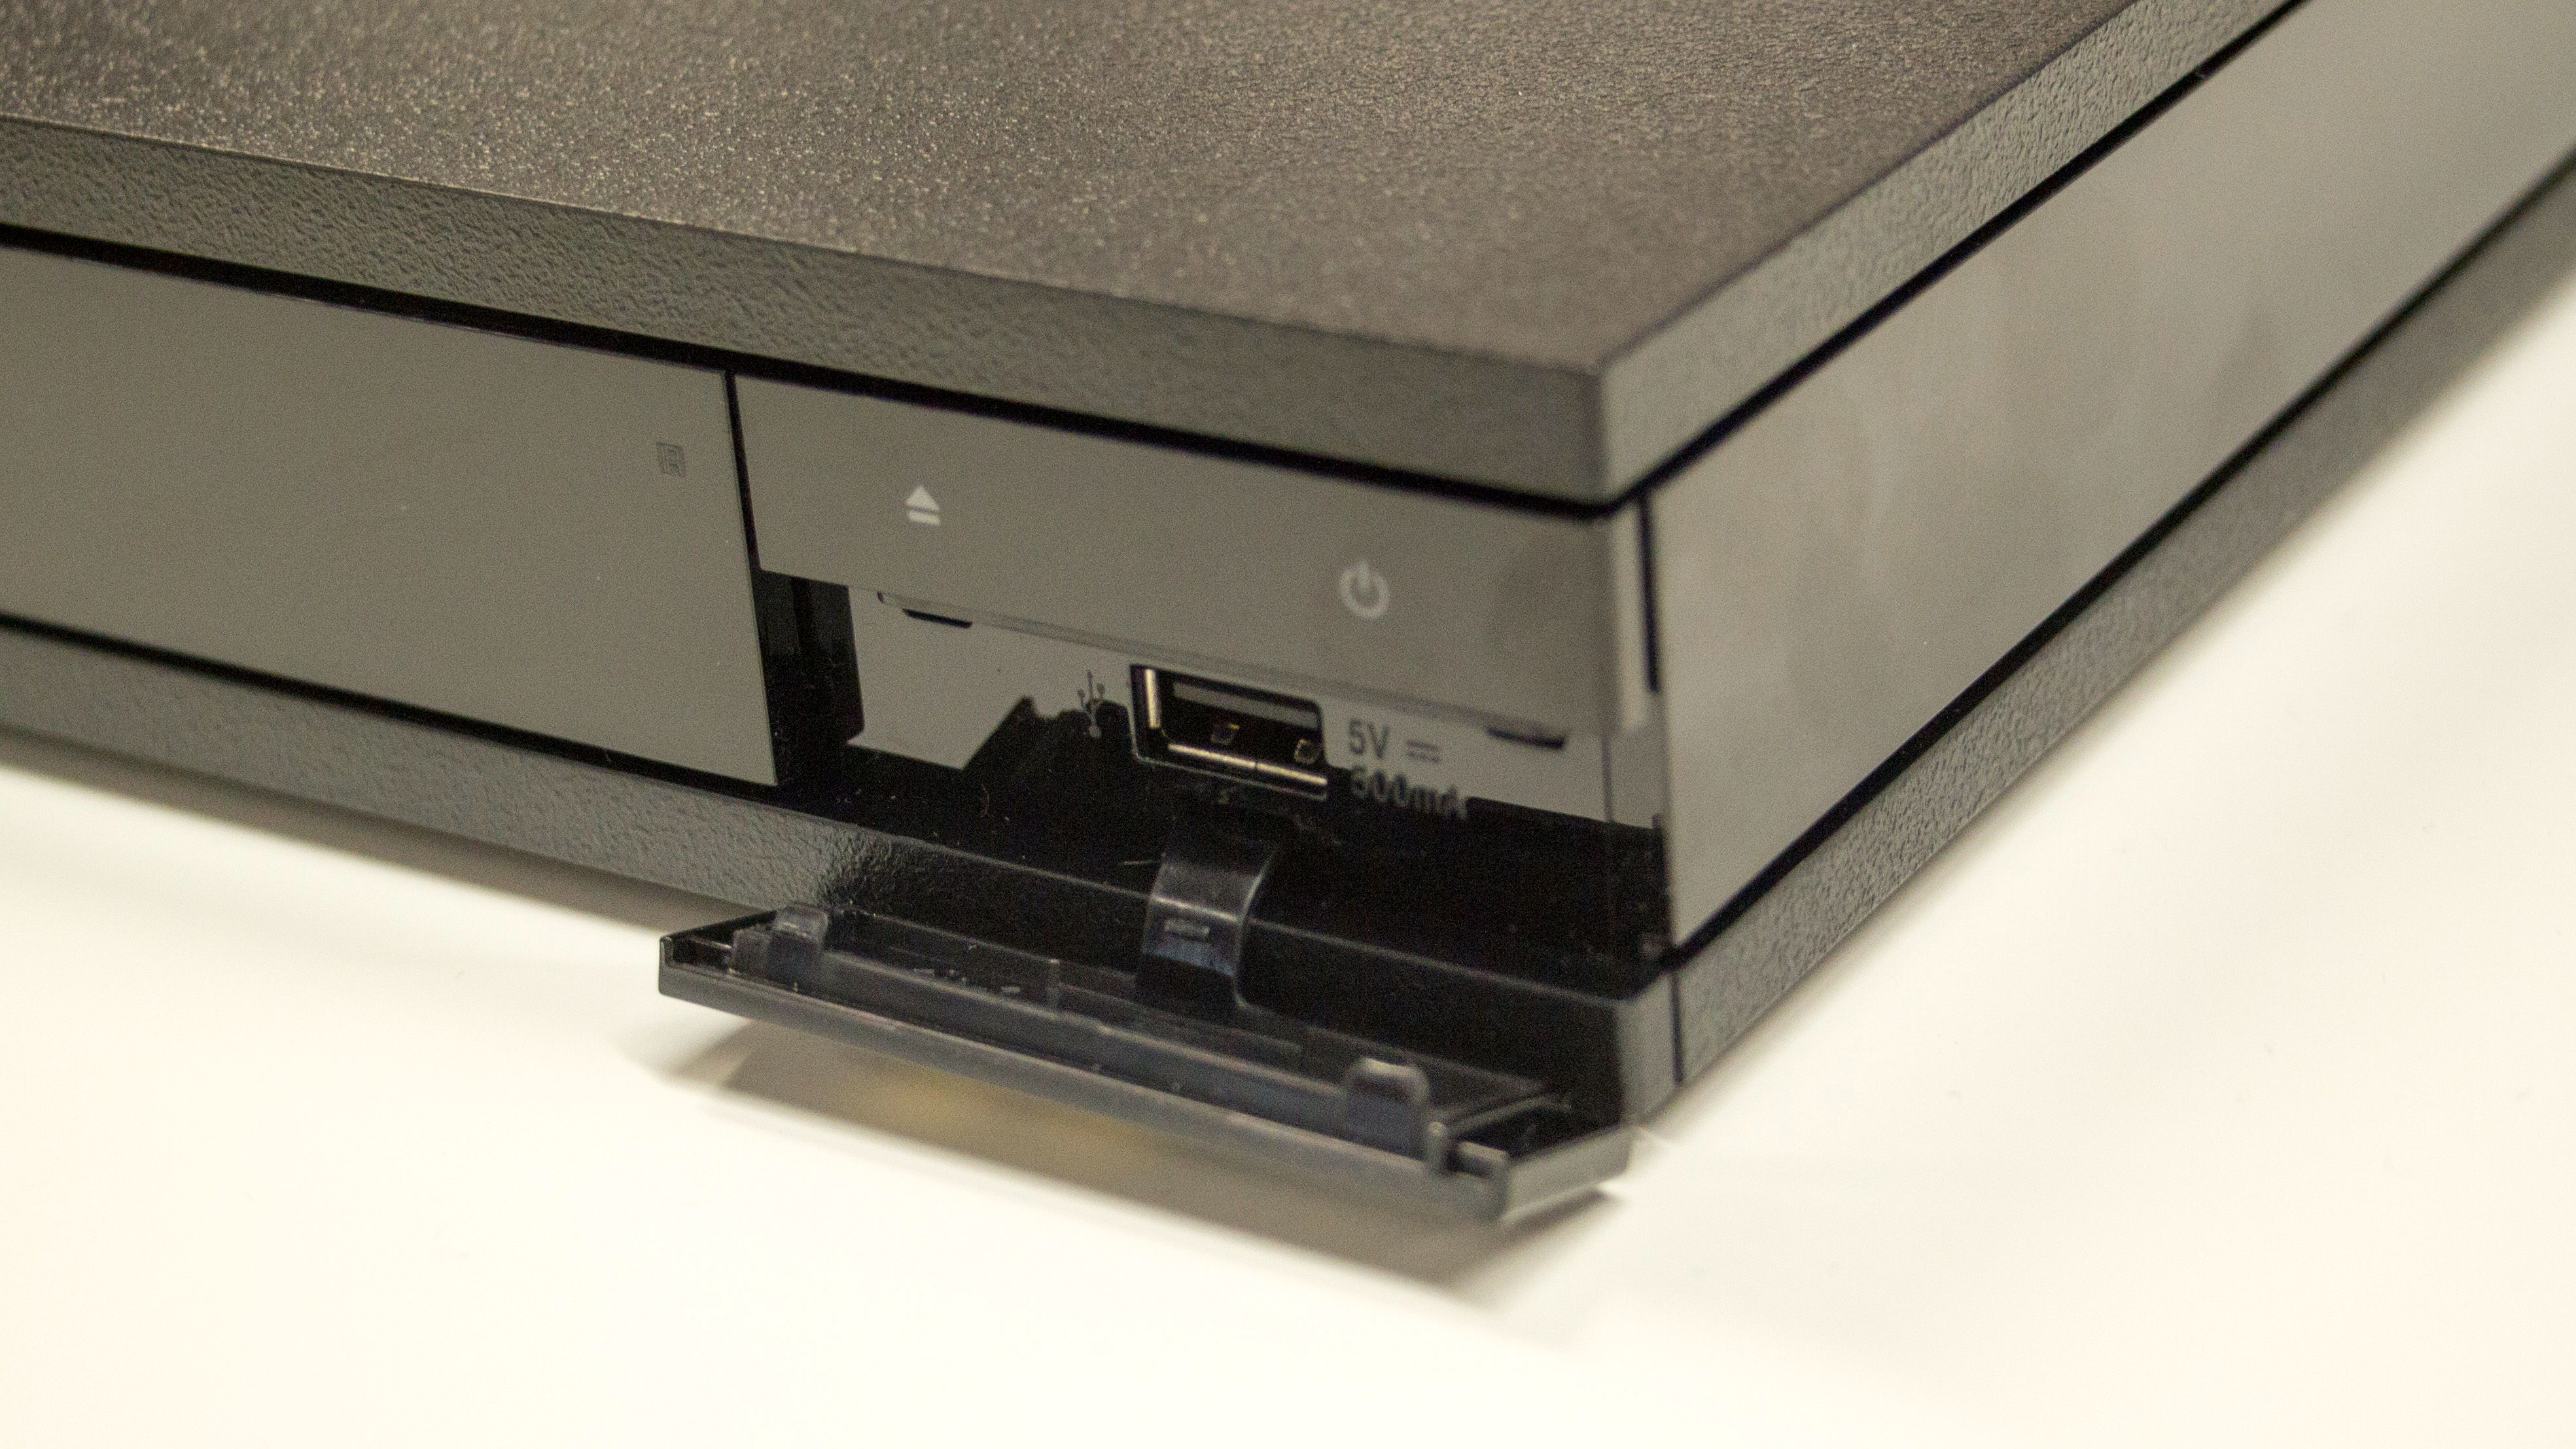 USB fremsideUSB-porten finner du på fremsiden av spilleren.